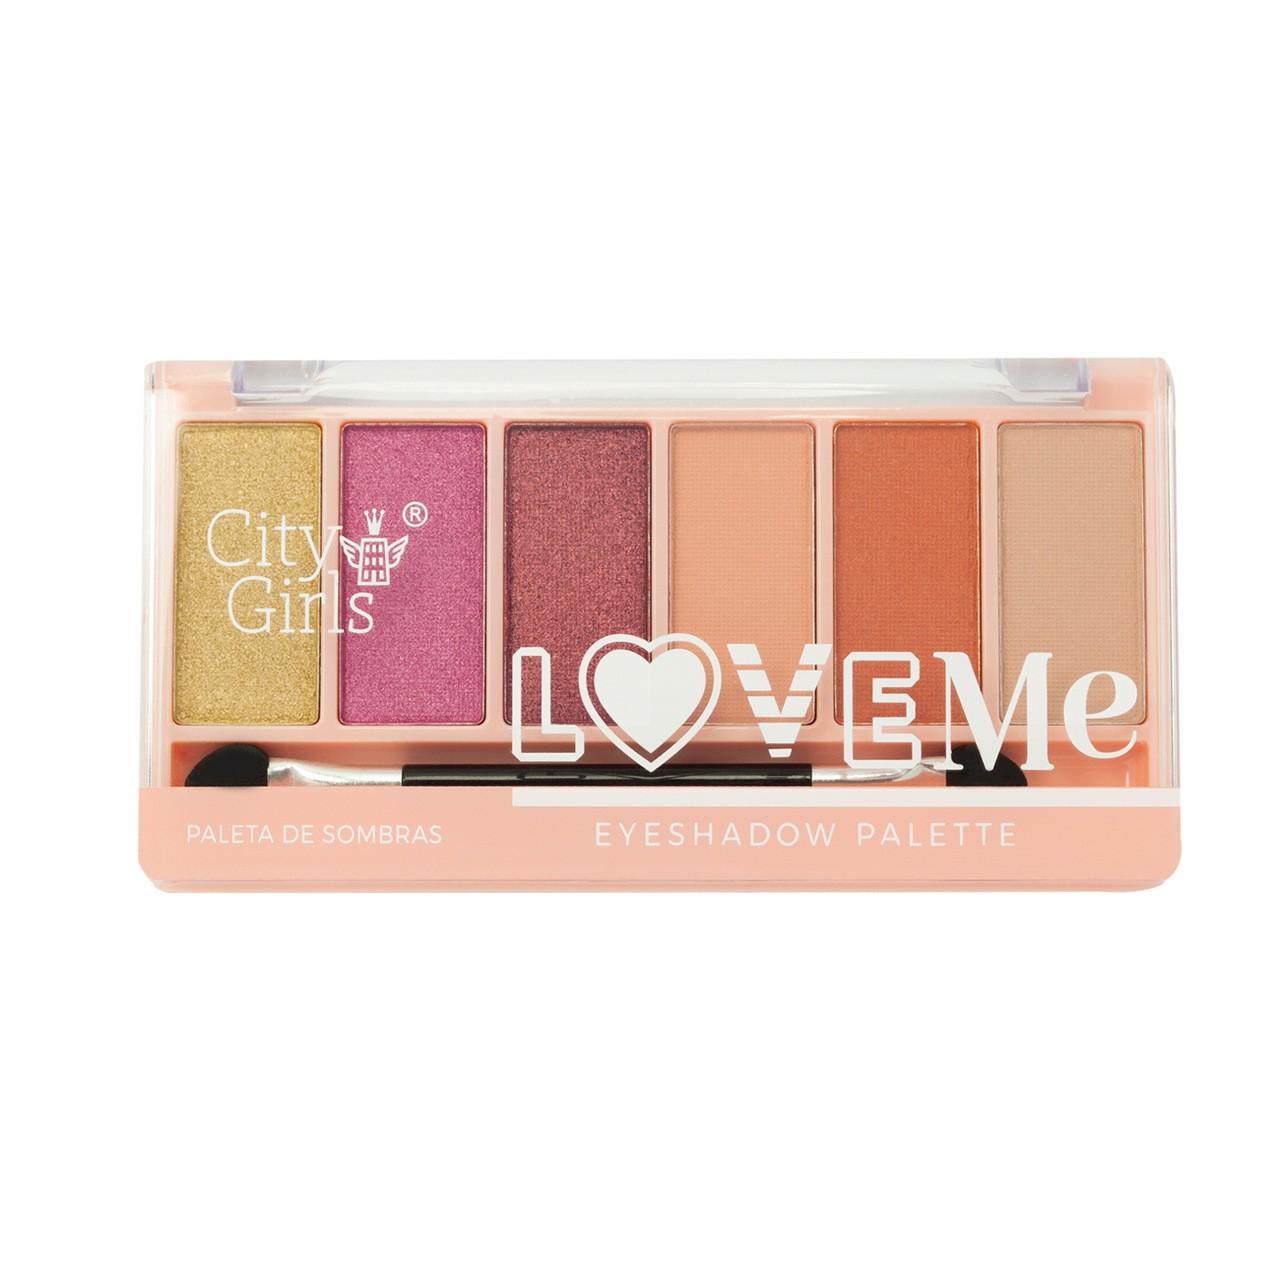 Paleta de Sombras 6 cores City Girls Love Me